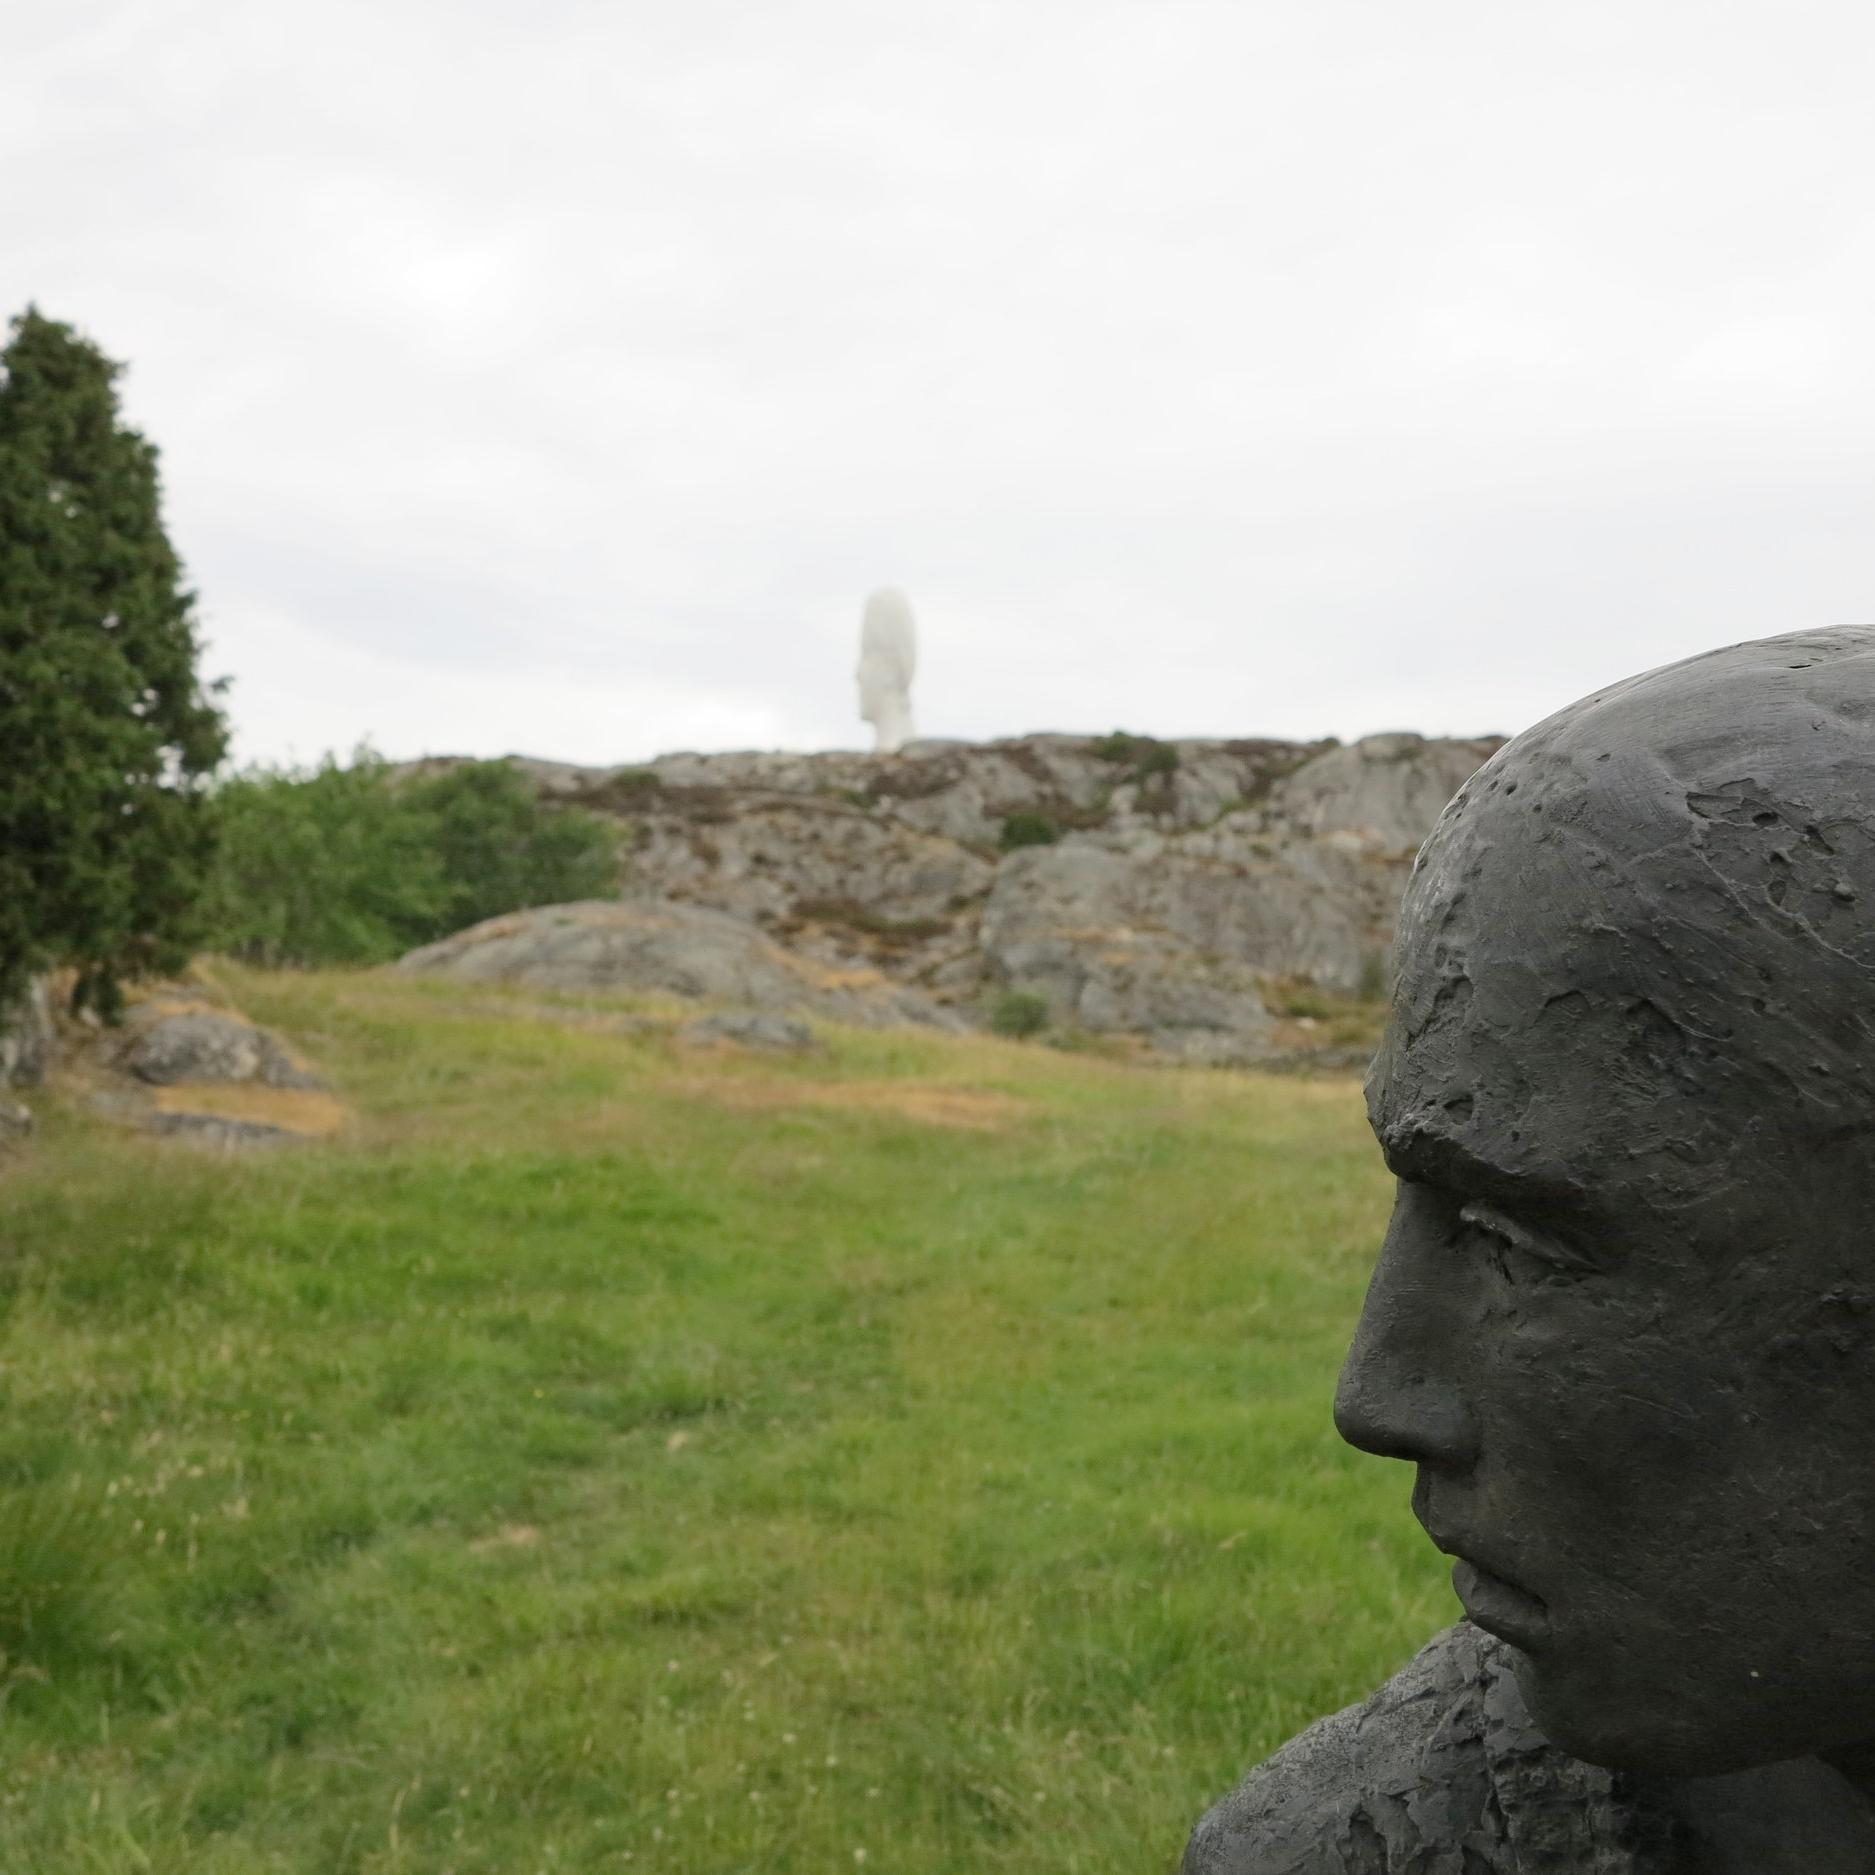 """In Pilane bilden die Skulpturen ein eigenes Kunstwerk mit der Natur, so wie hier eine Skulpturen von  Hanneke Beaumont  vor der """"Anna"""" von  Jaume Plensa  (im Hintergrund)"""